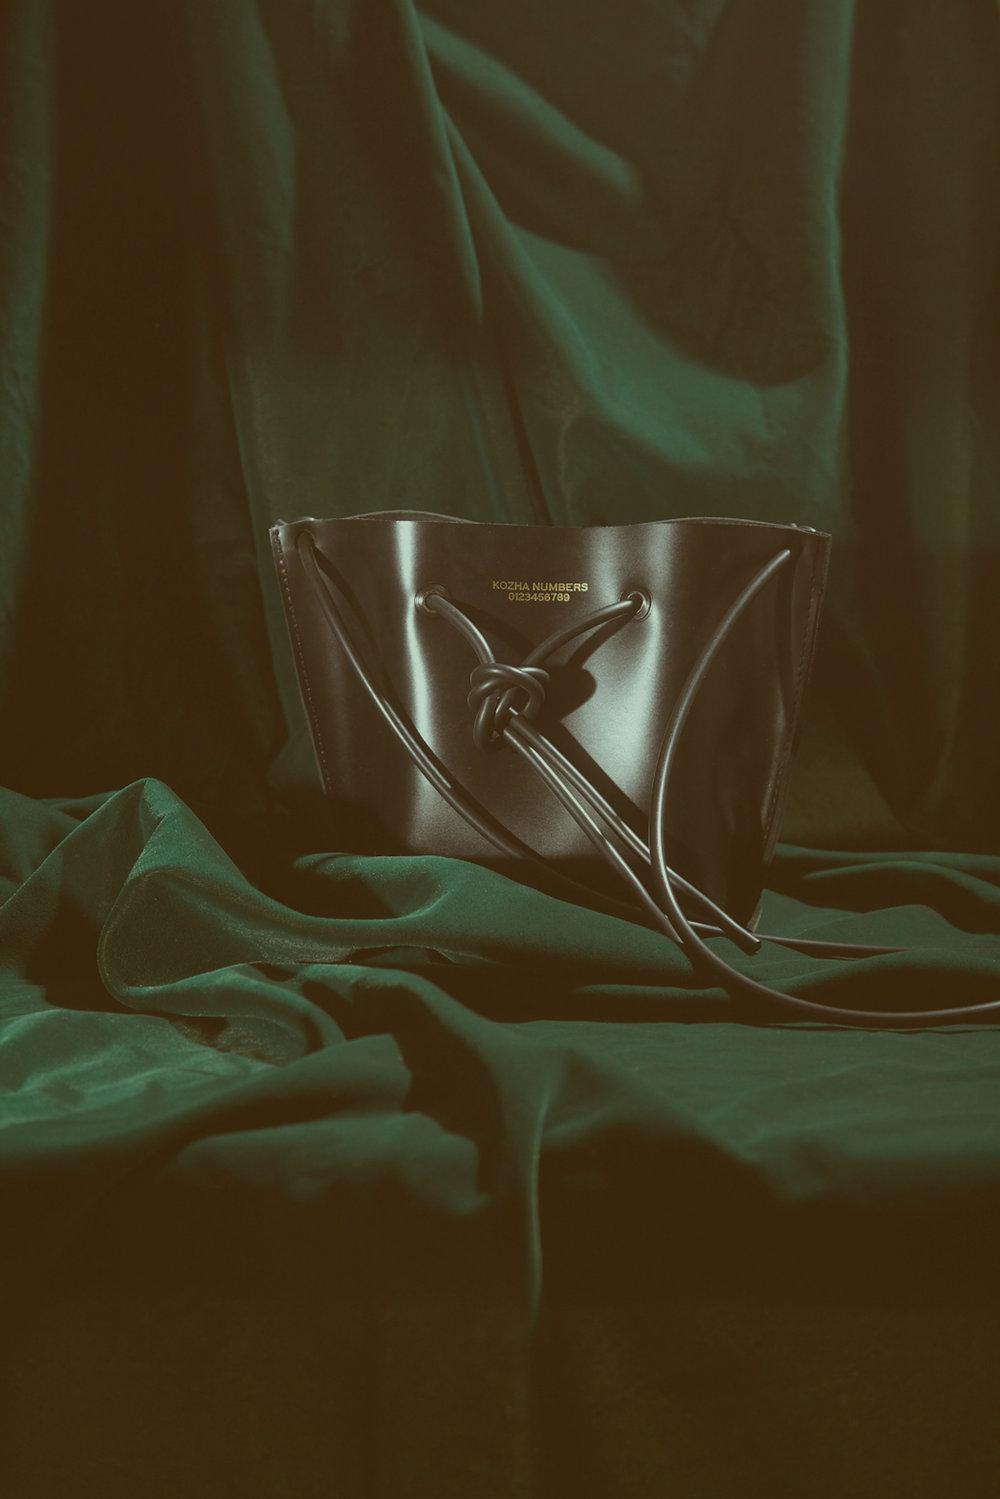 161213_glassware17259v3.jpg